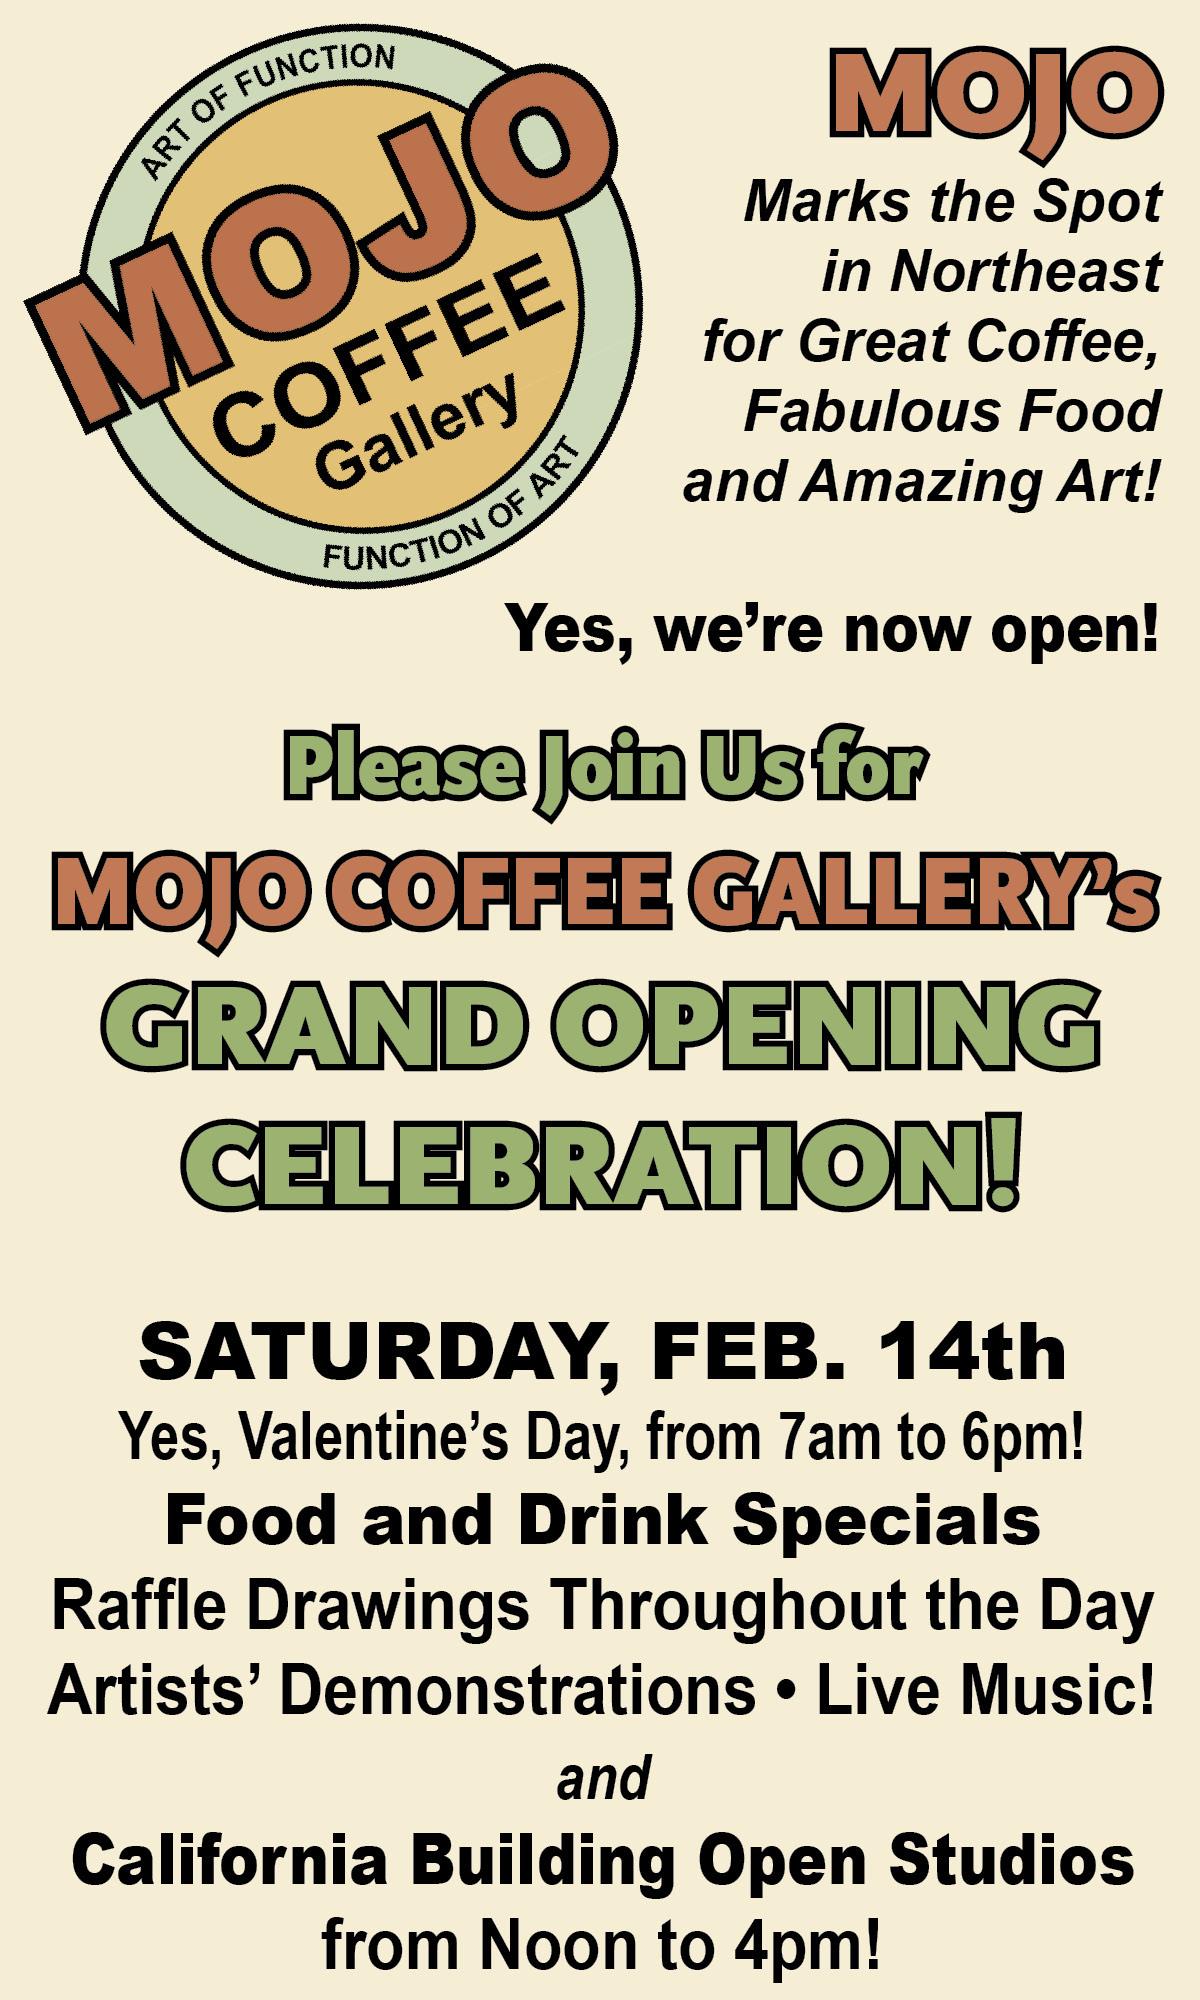 MOJO Feb 14 Opening